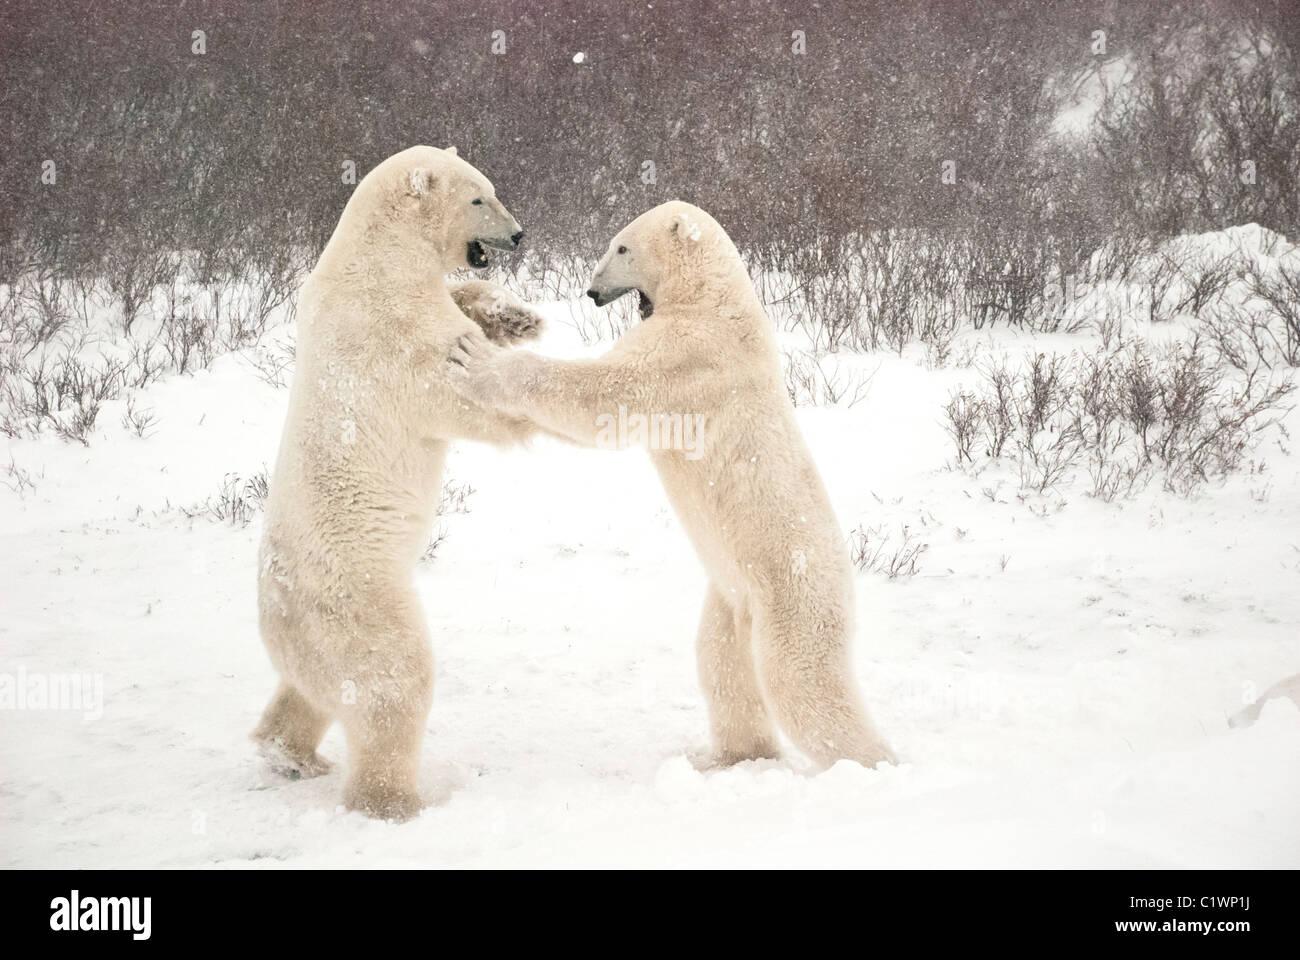 Gli orsi polari, Ursus maritimus, giocare a combattimenti, Churchill, Manitoba, Canada Immagini Stock